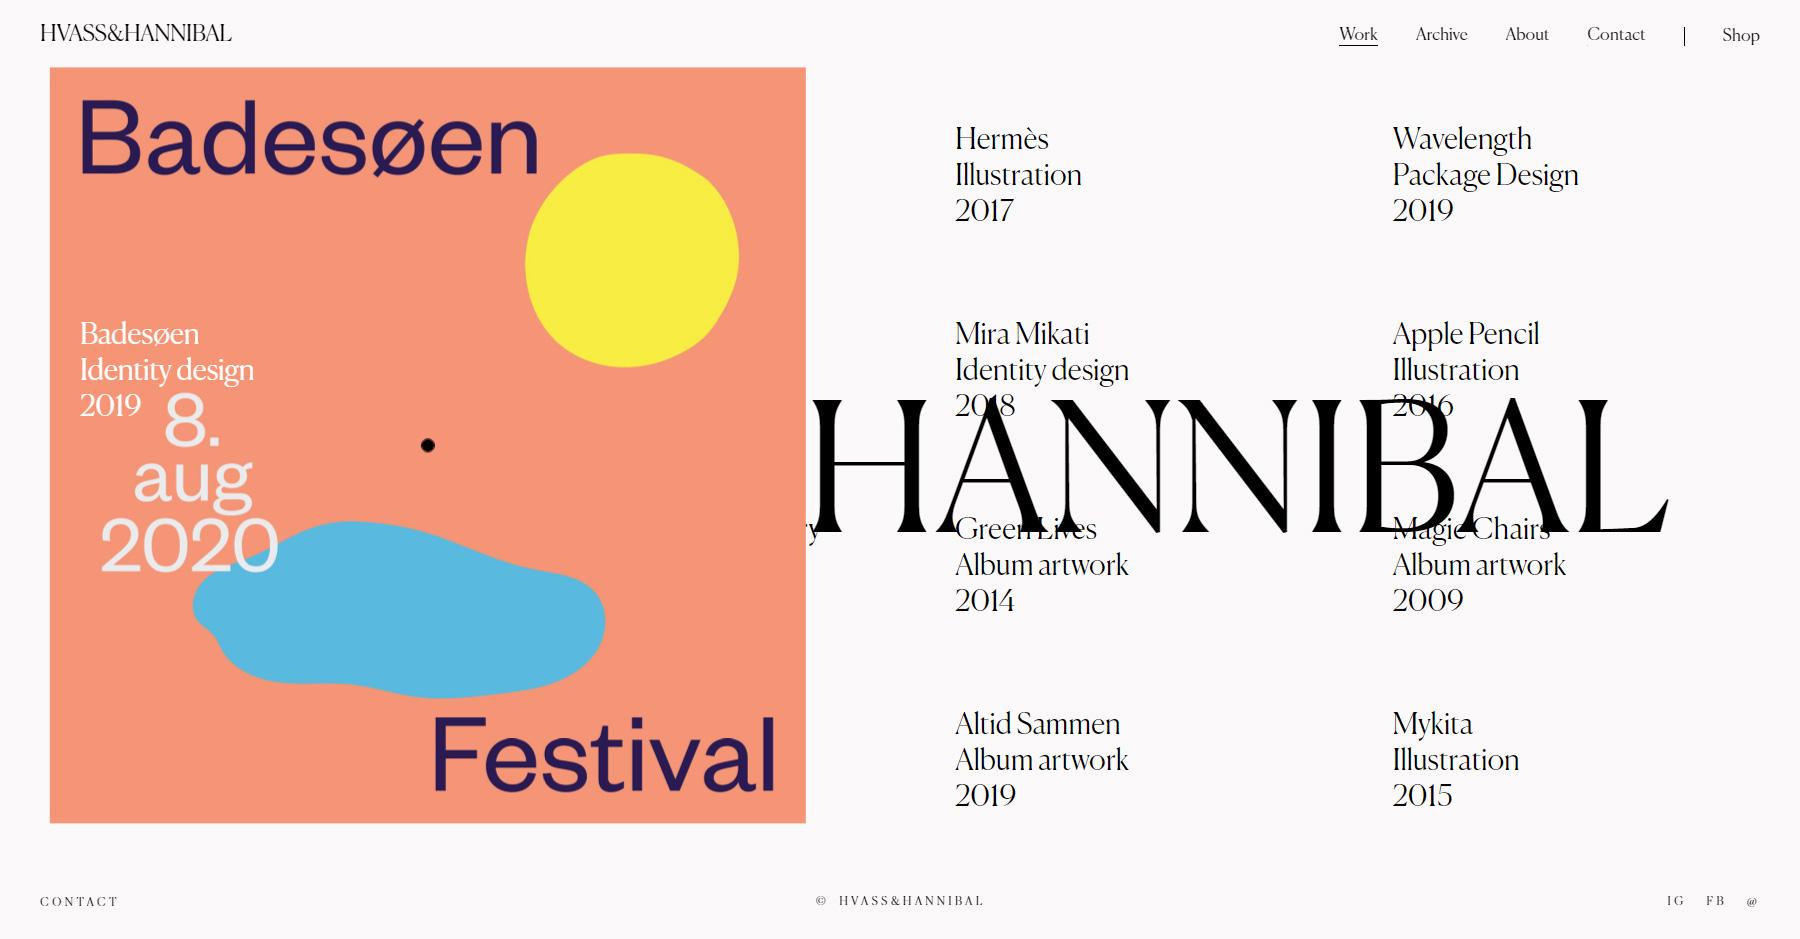 Hvass&Hannibal - Website of the Day